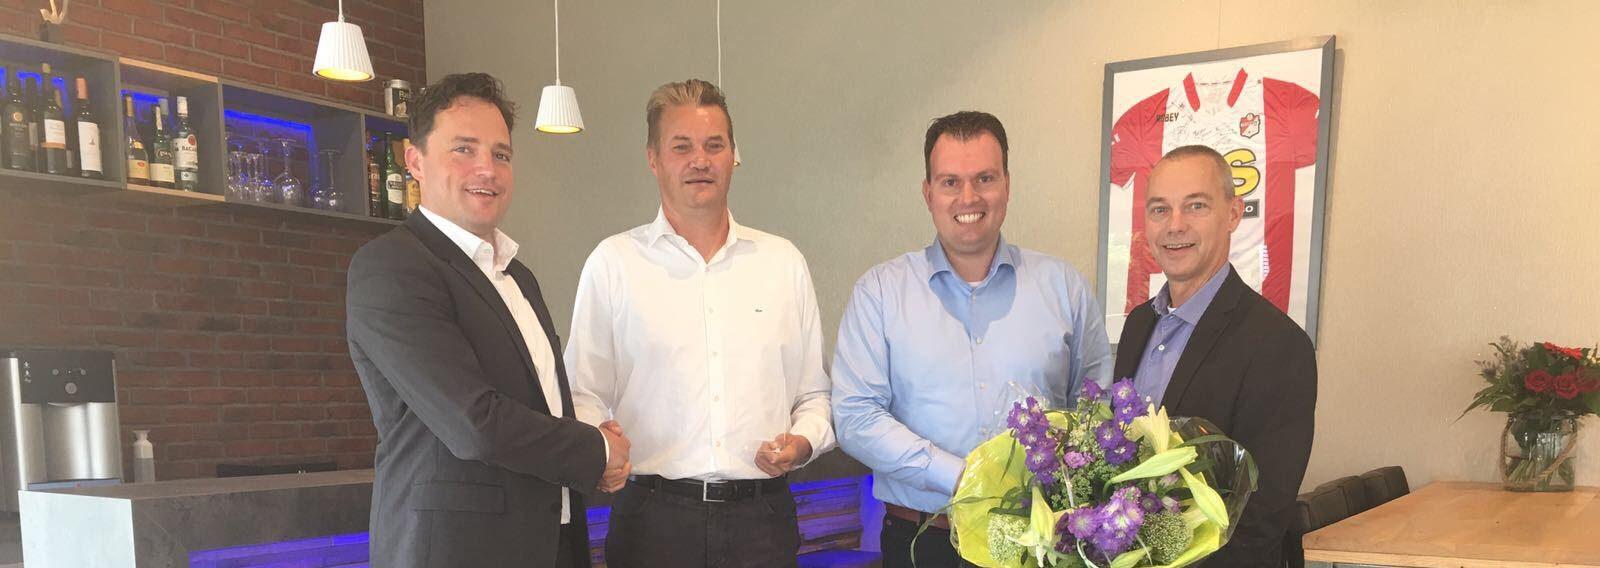 Muller Licht leverancier van het kwartaal Harwig